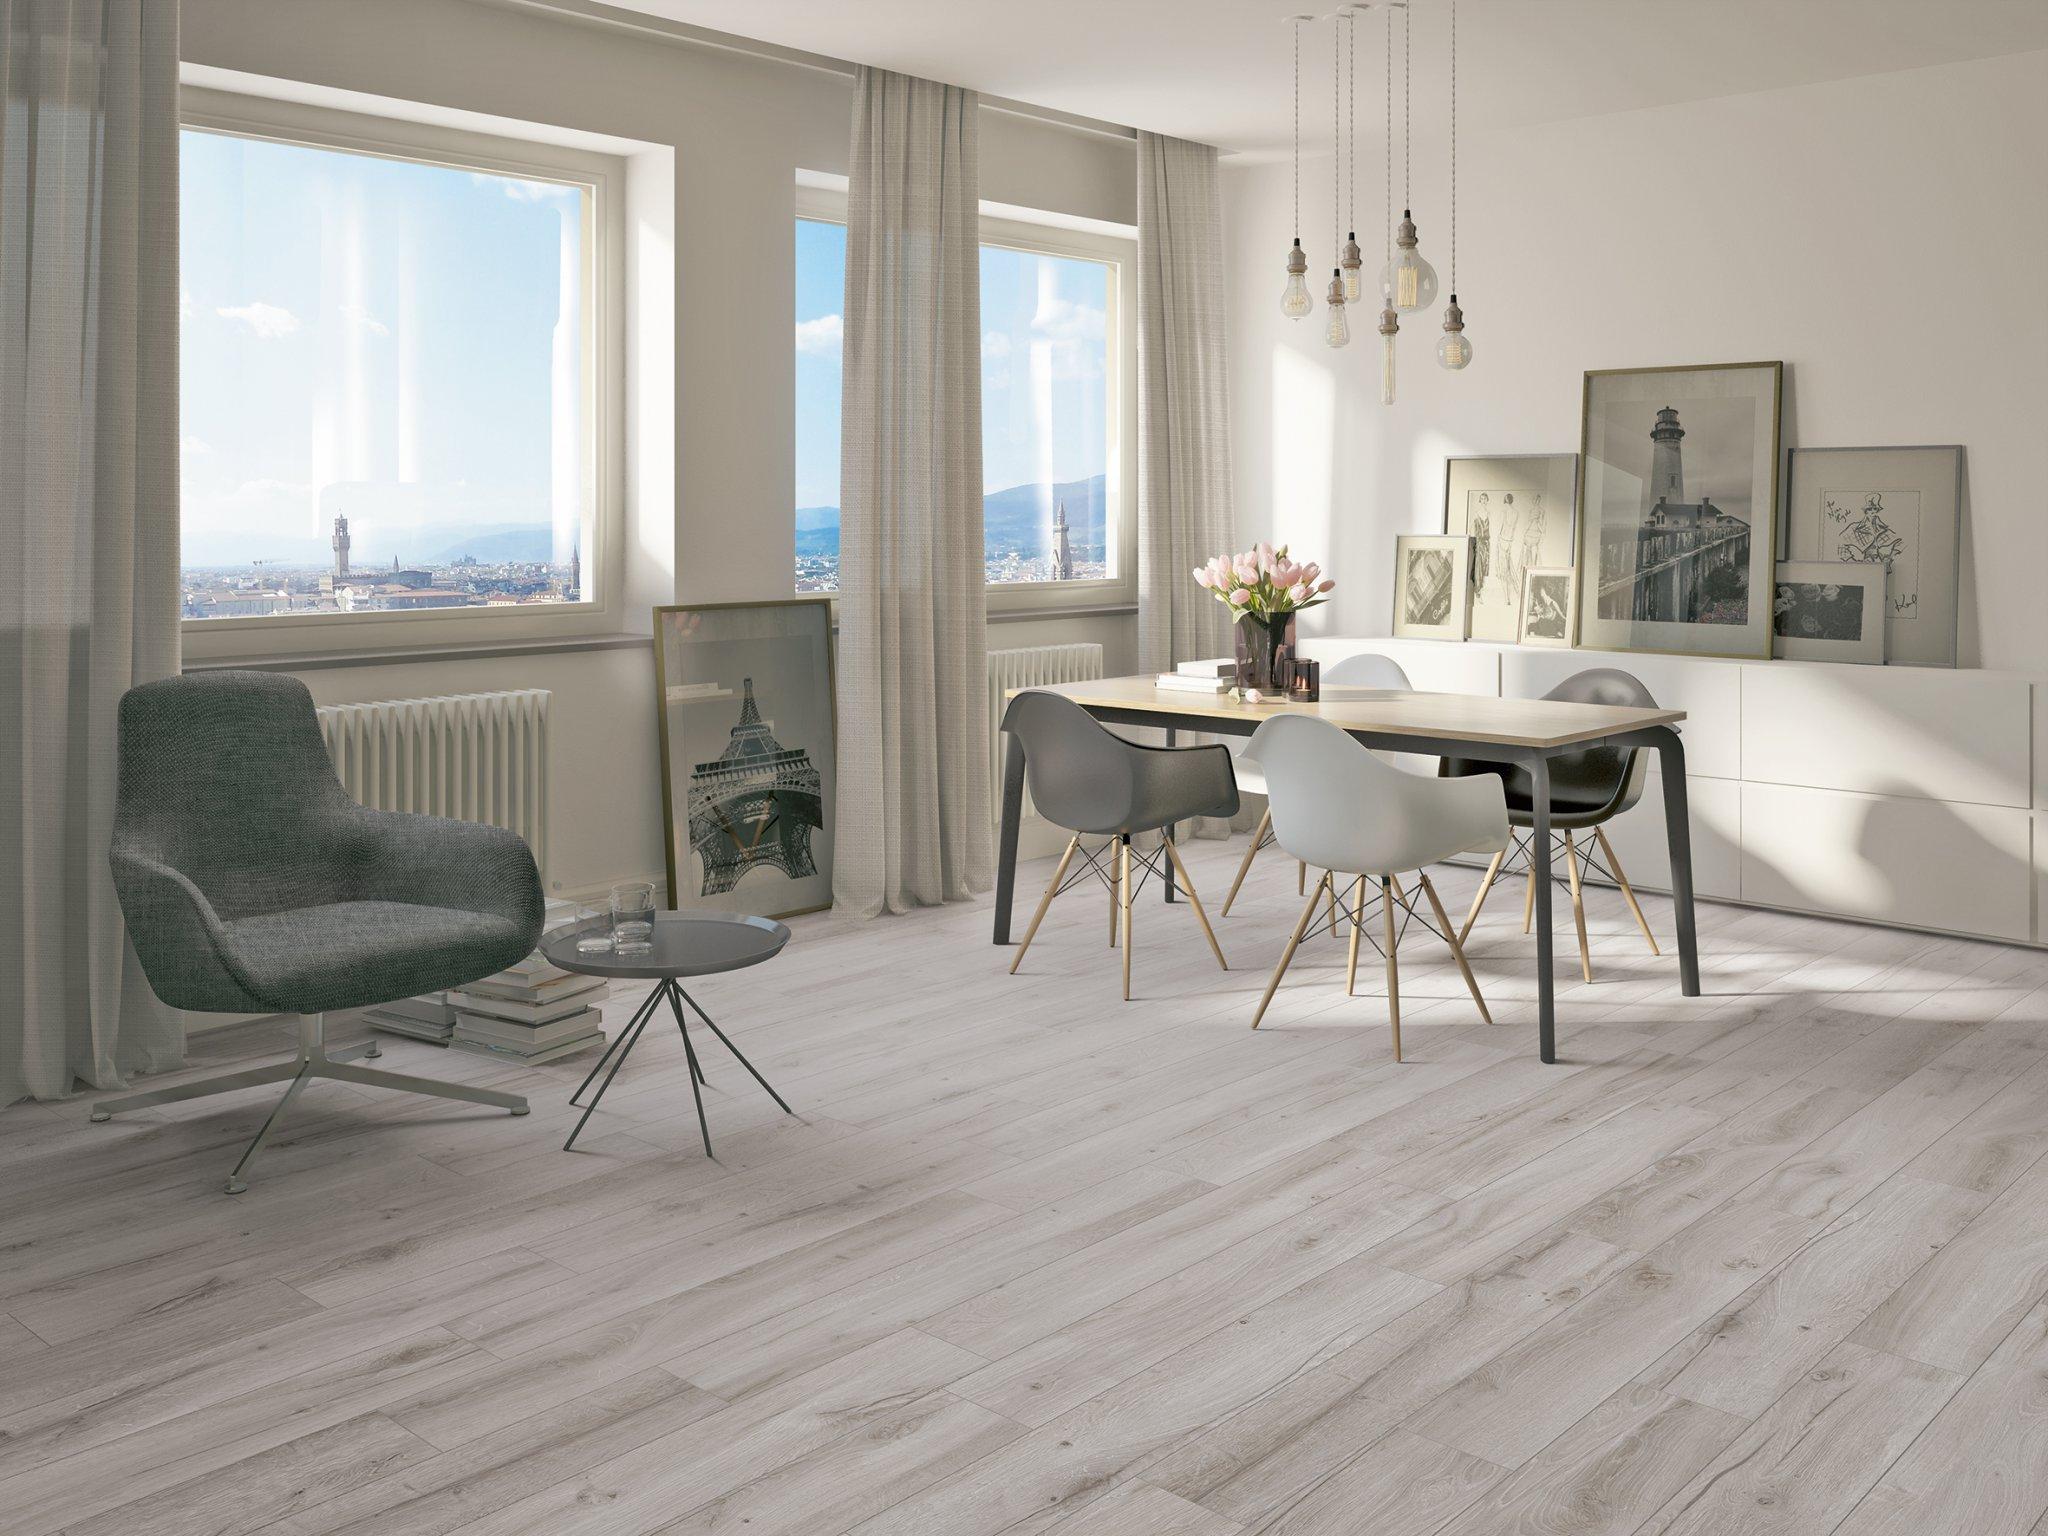 Briccola pavimento legno grigio 02 styl casa - Pavimento legno bagno ...